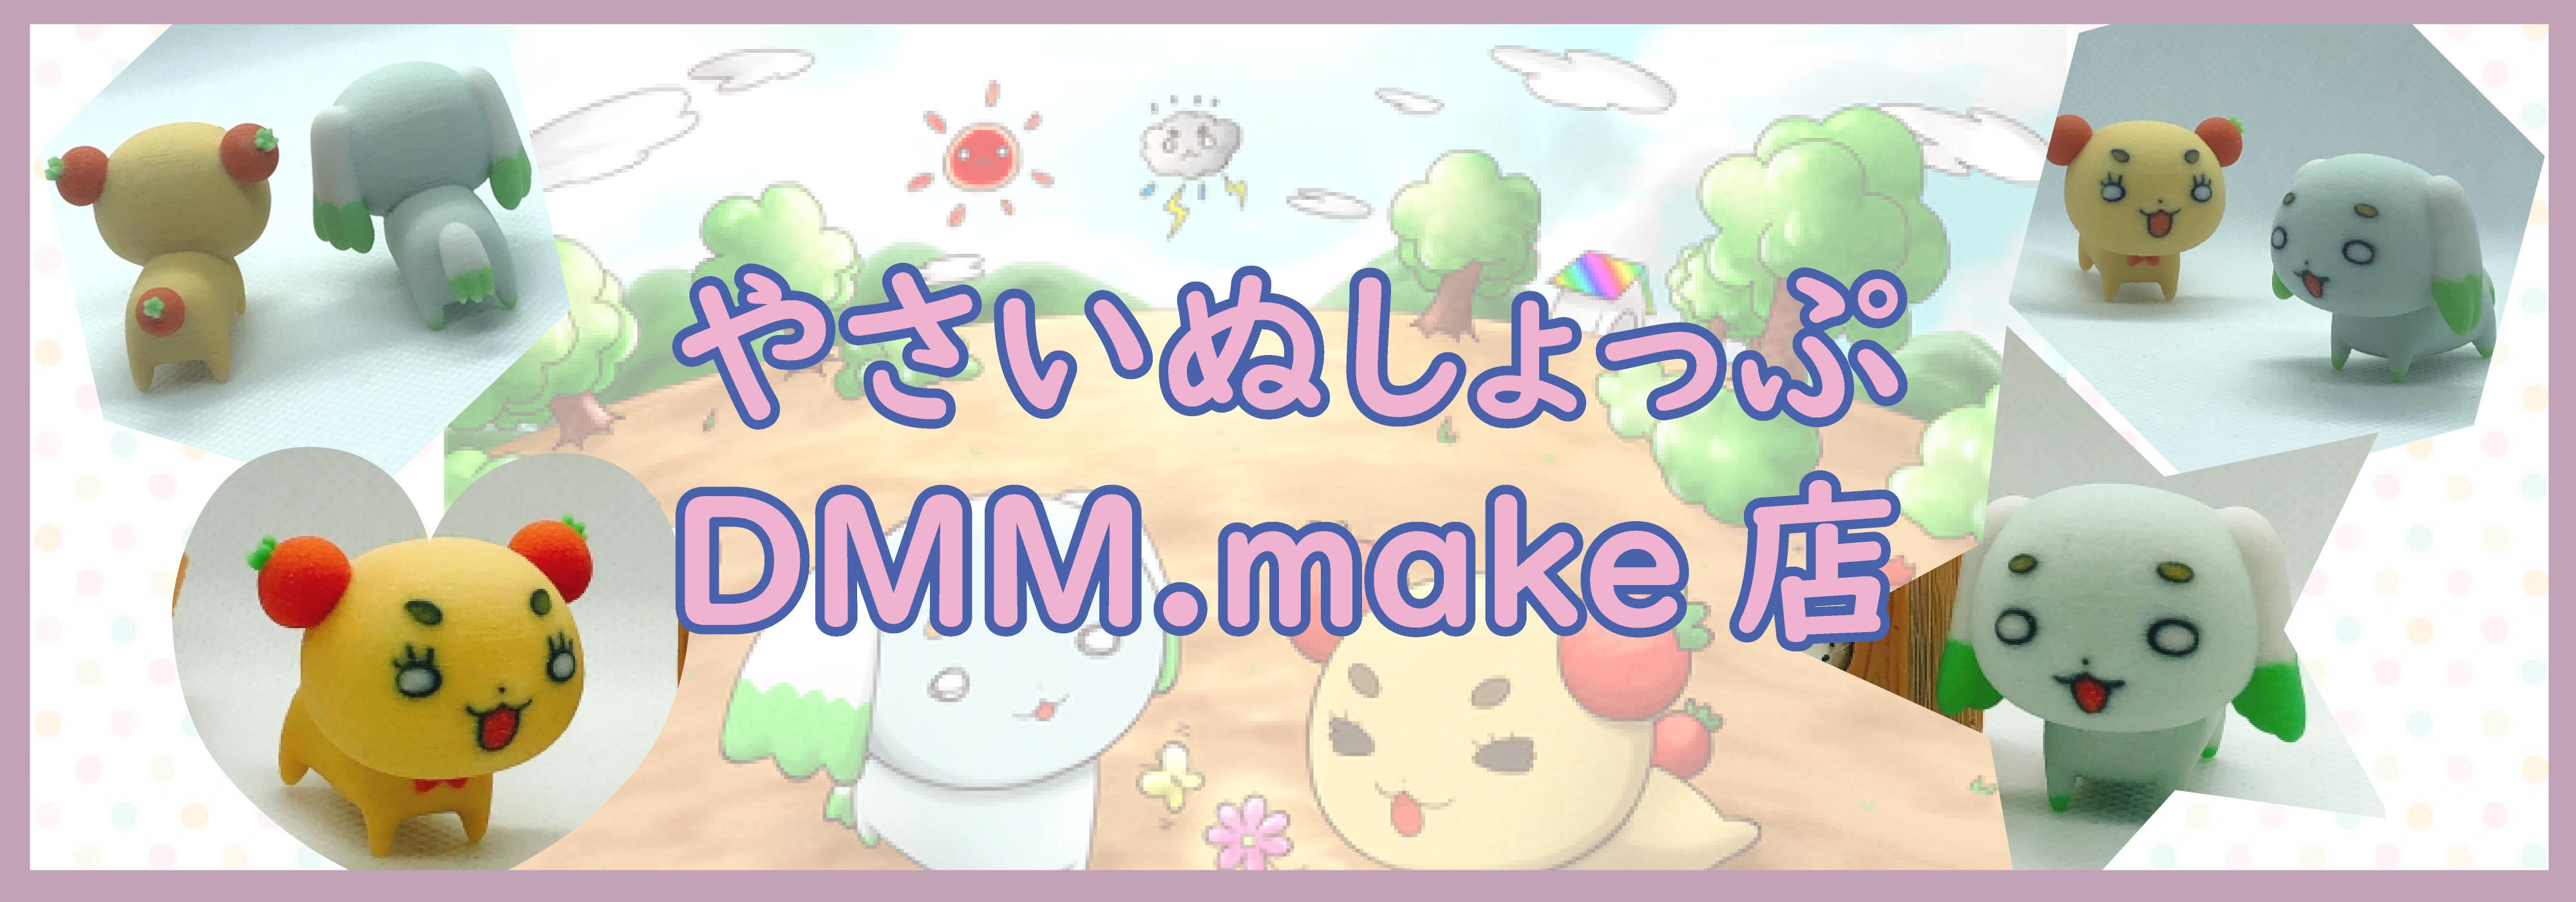 やさいぬしょっぷ DMM.make店